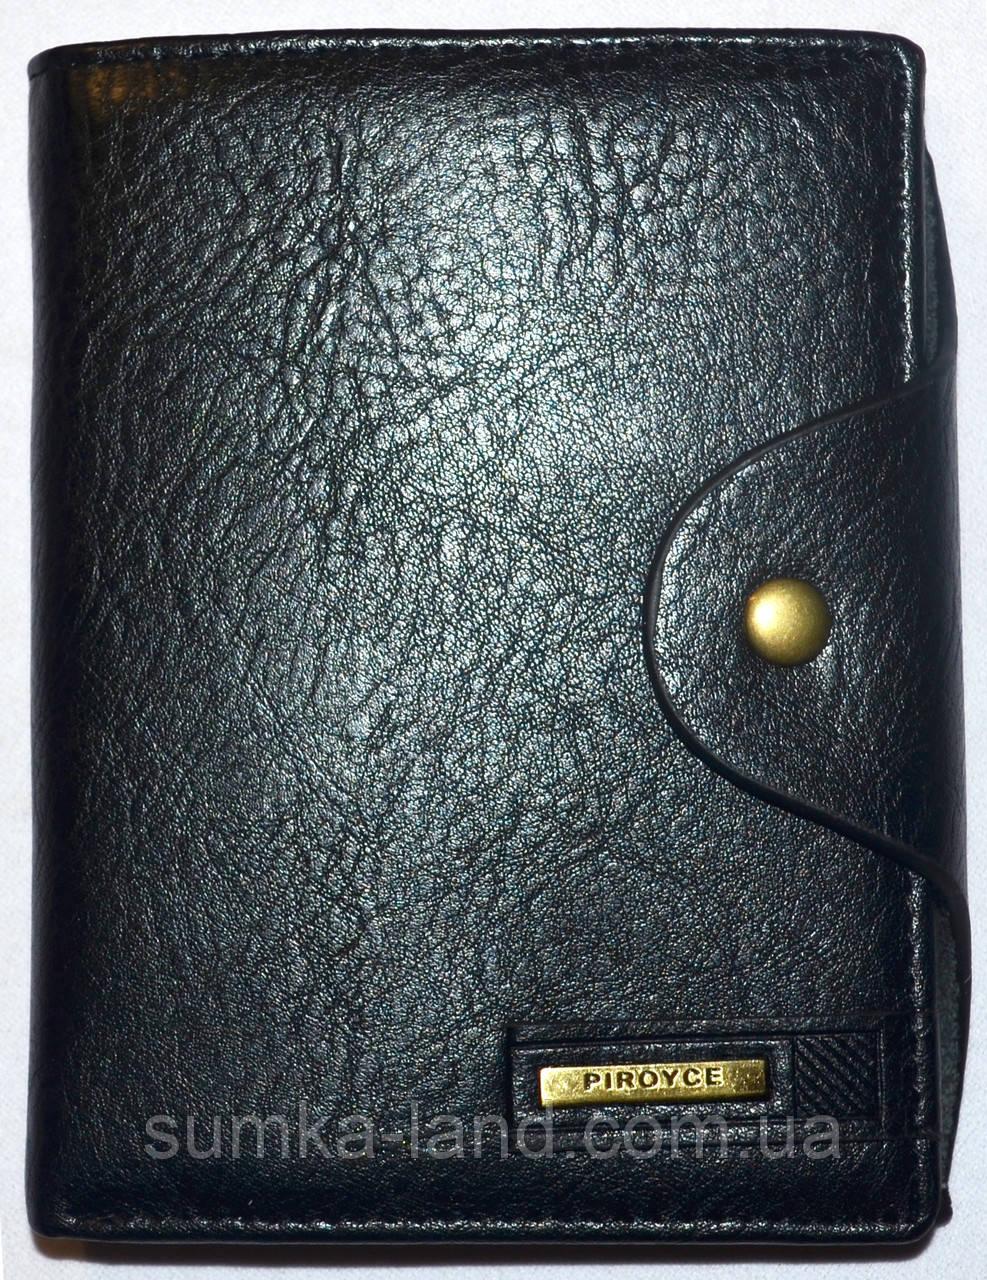 Мужской черный кошелек Piroyce из искусственной кожи на кнопке размер 10*13,5 см